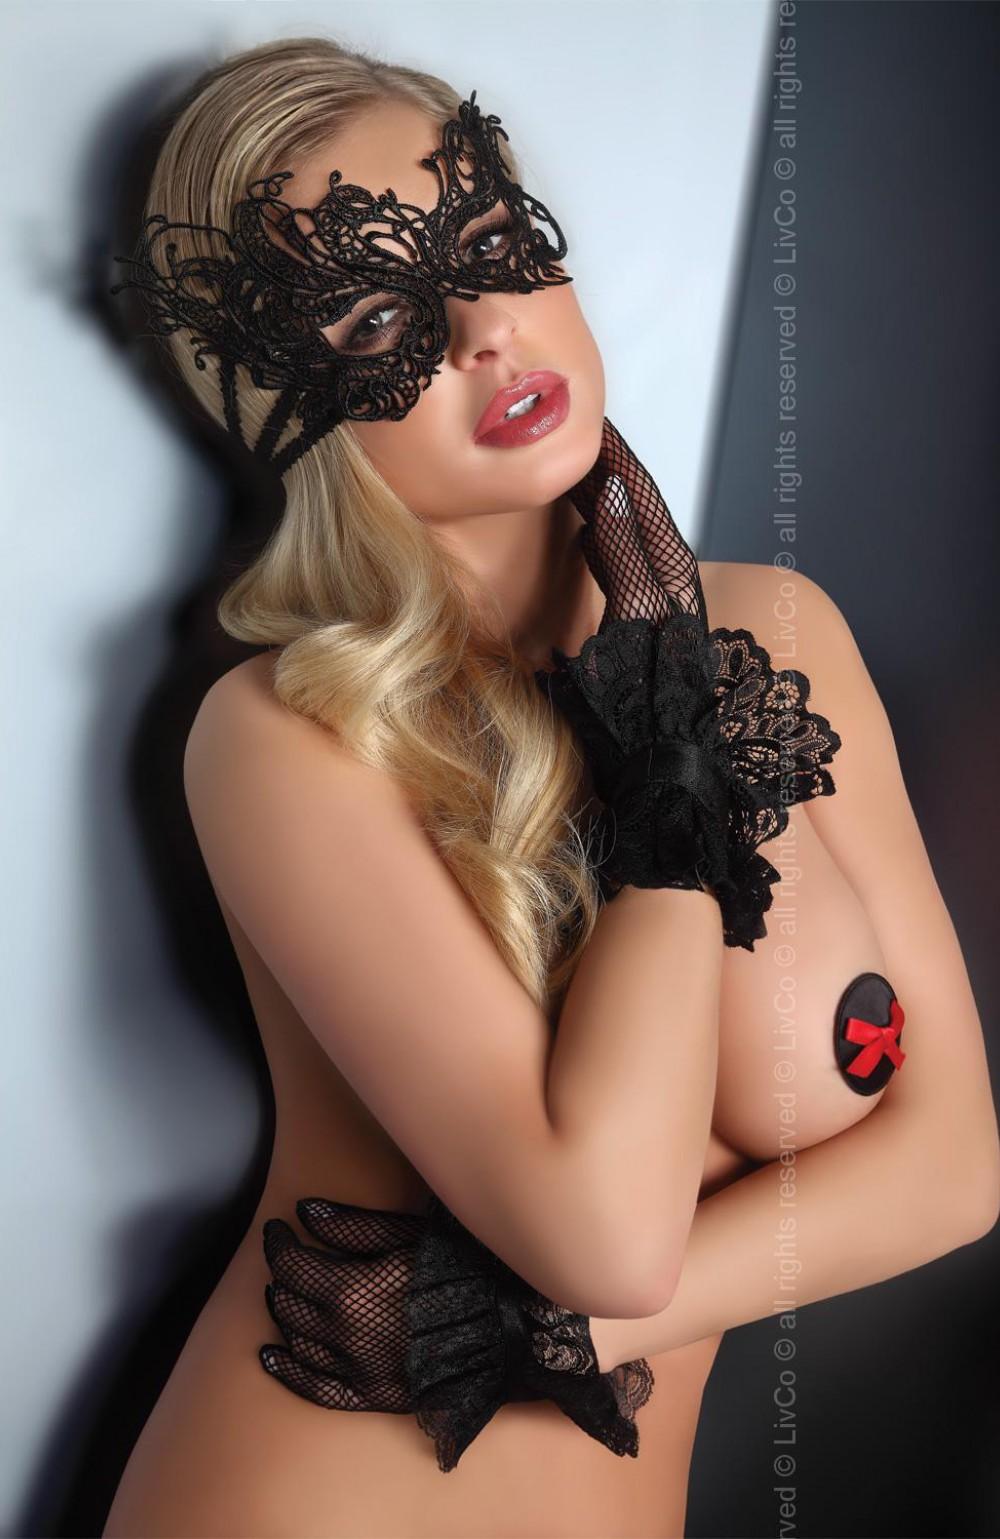 Эротическая маска на лице 22 фотография